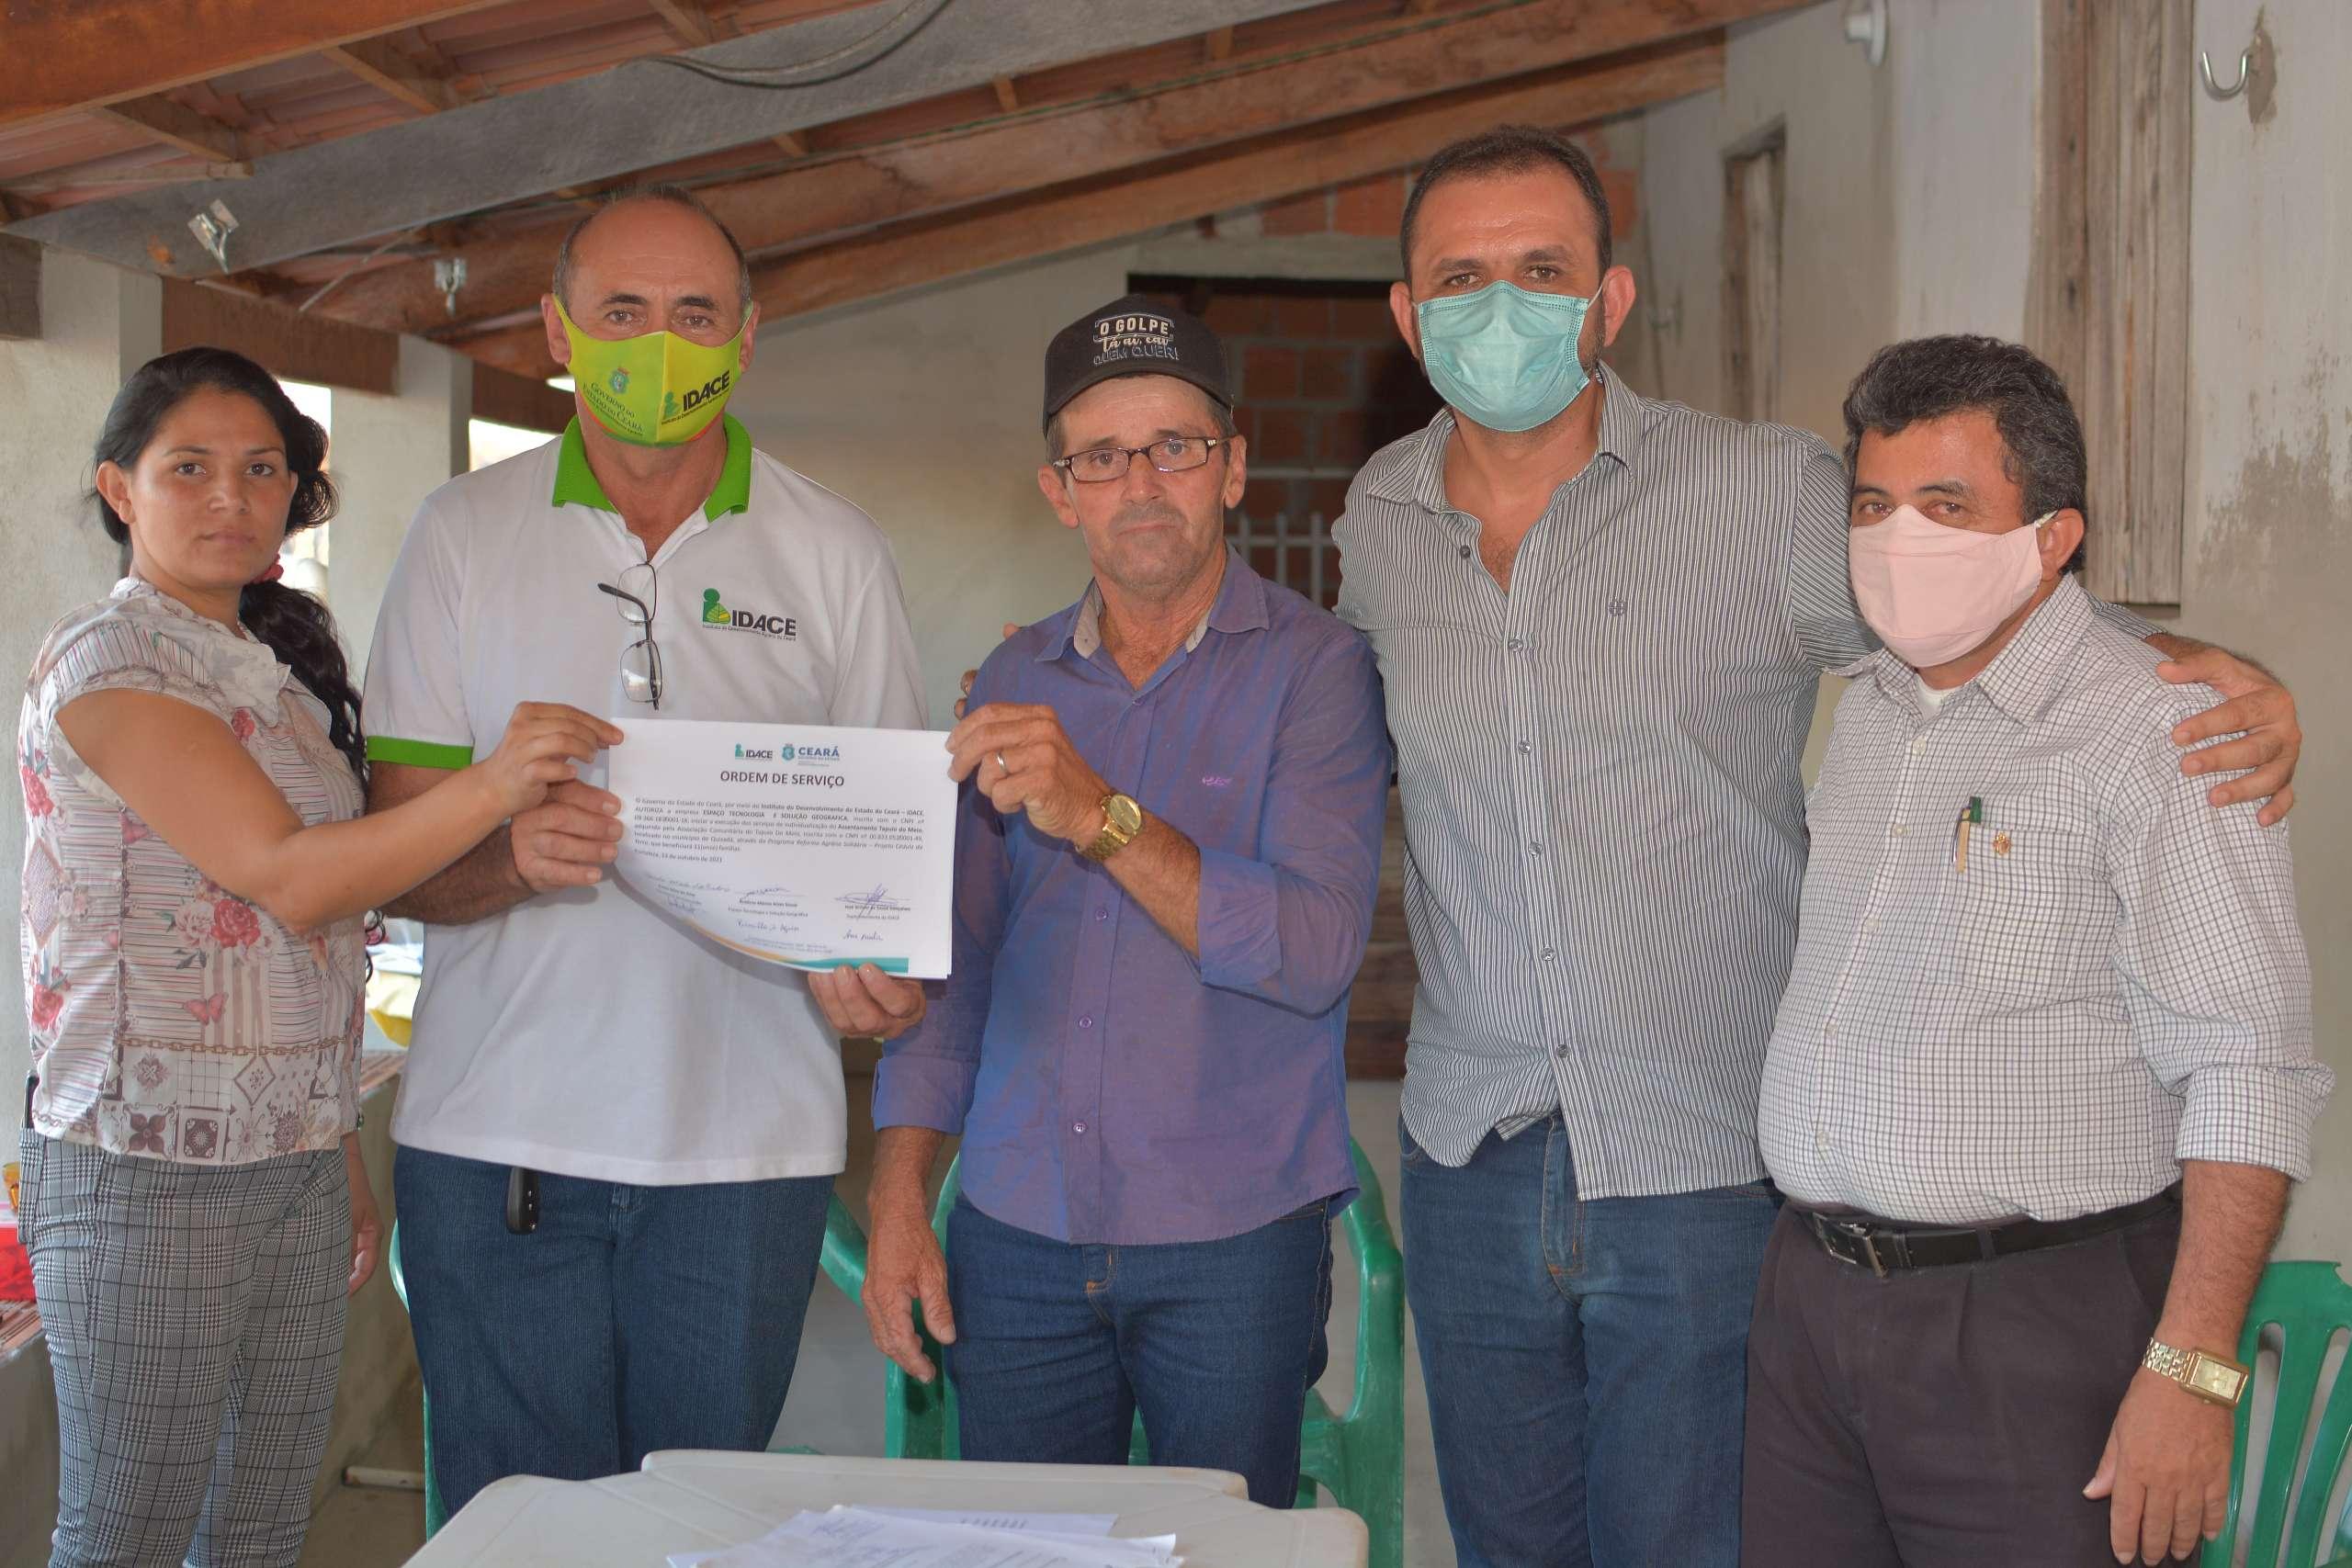 Idace inicia individualização de glebas em Tapuio do Meio, em Quixadá